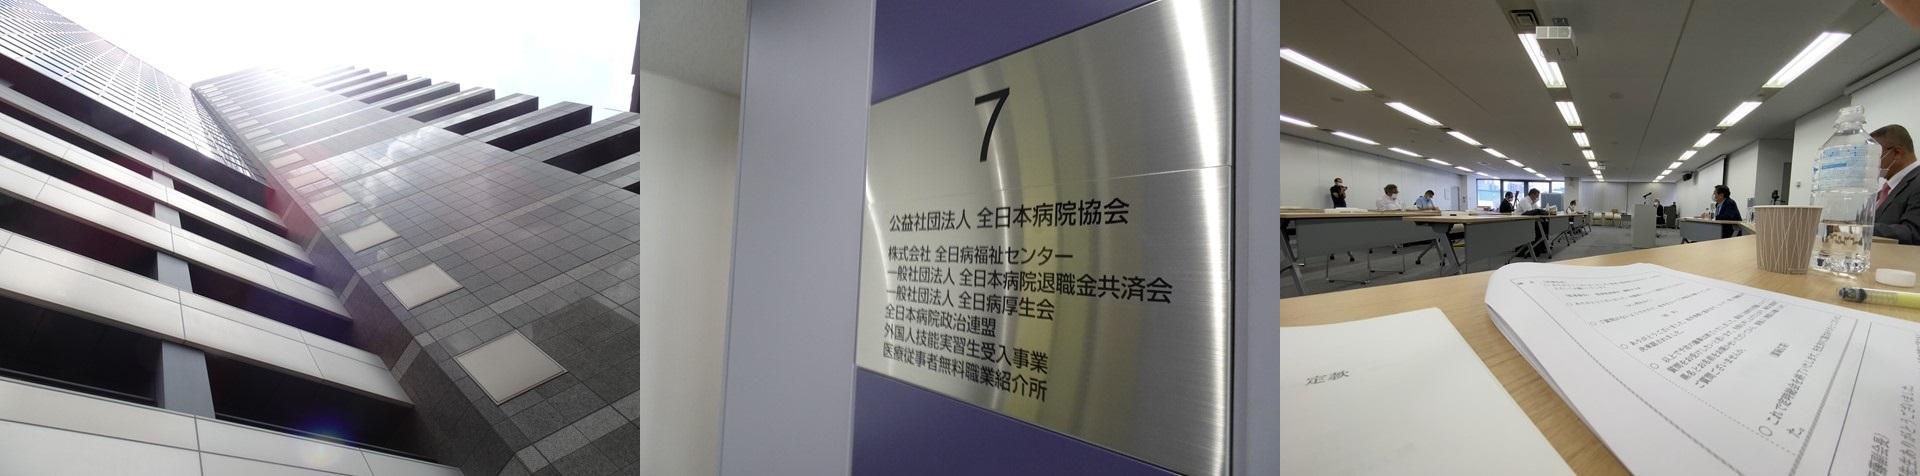 遠い東京で、、、正論を言える反骨があるか_b0115629_19360508.jpg